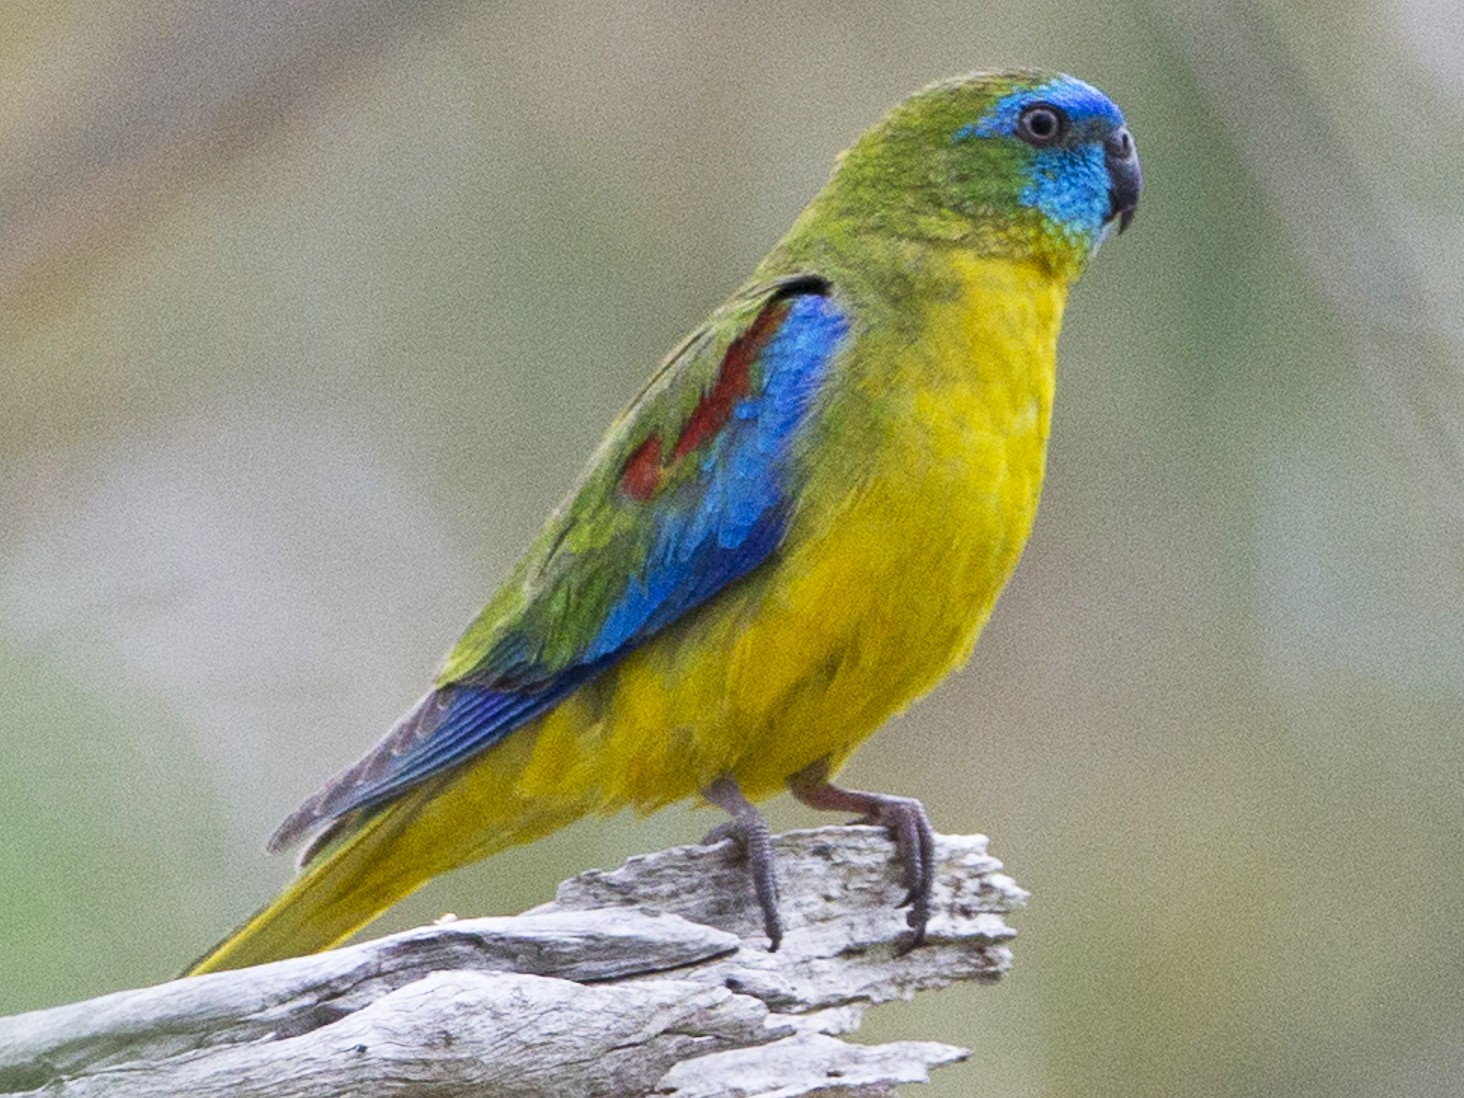 Turquoise Parrot - Brian Sullivan